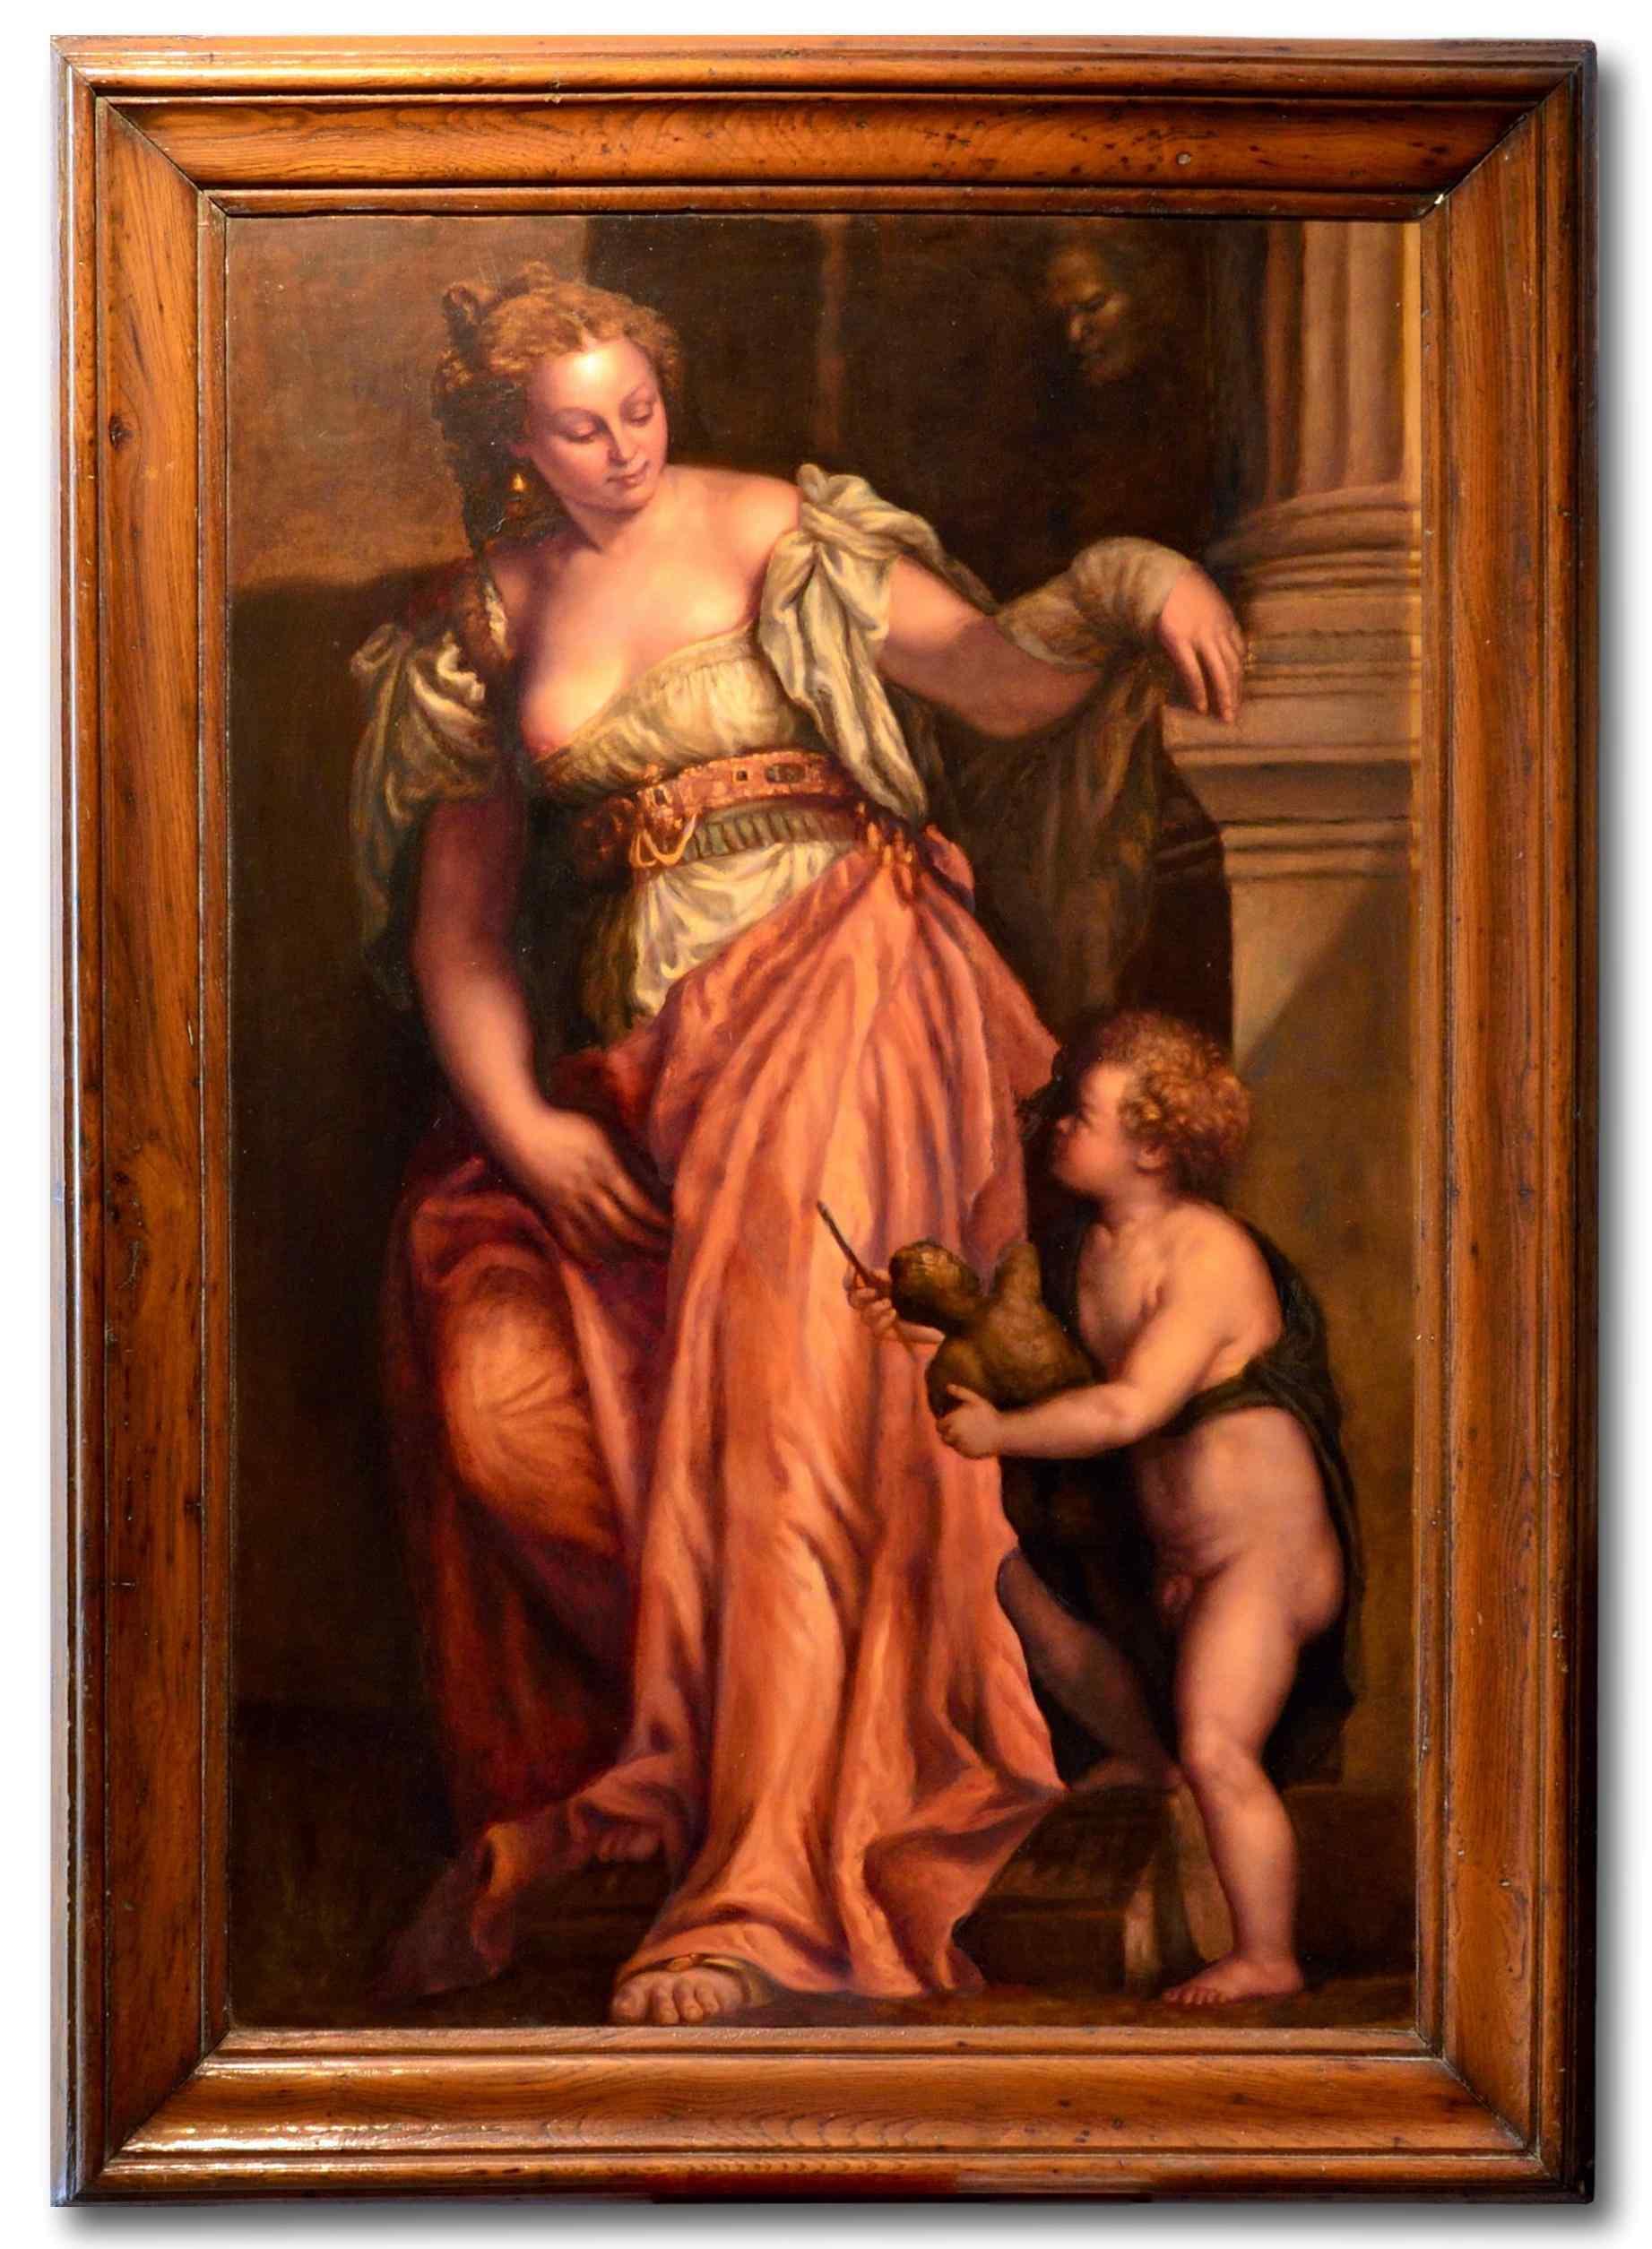 L'allegoria della scultura - Scuola veneta del XVIII secolo